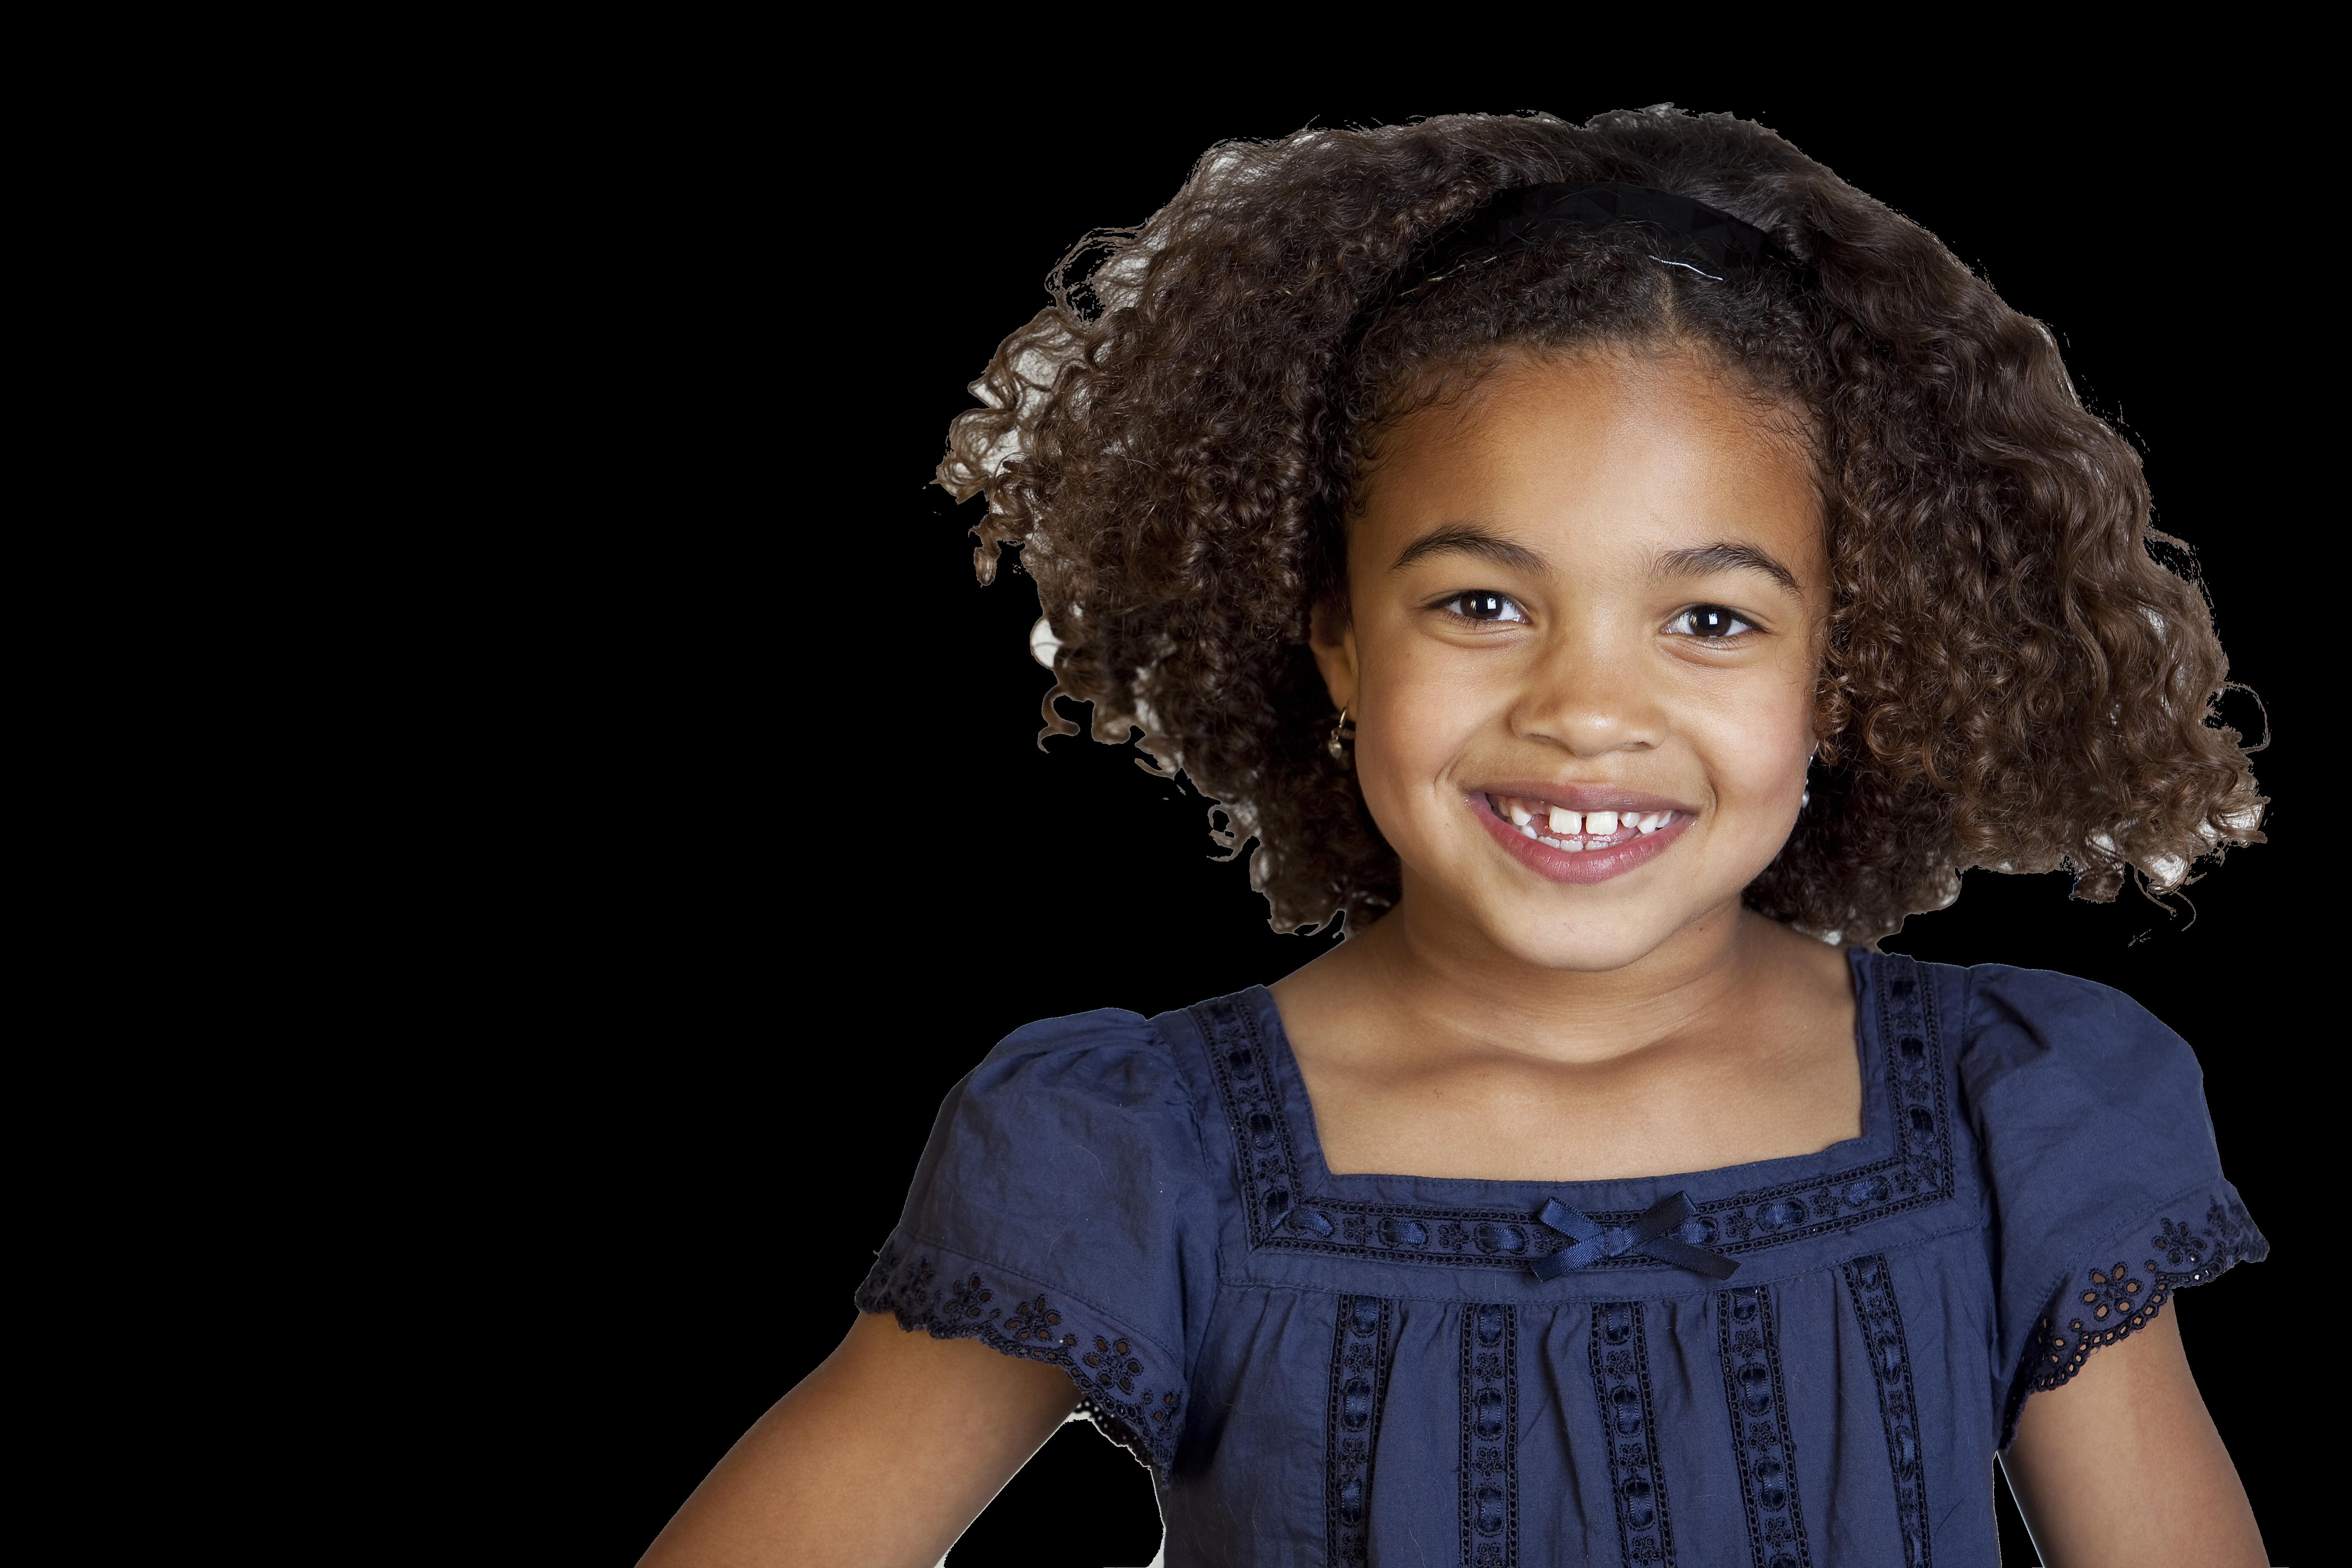 Qual a melhor idade para visitar um ortodontista?